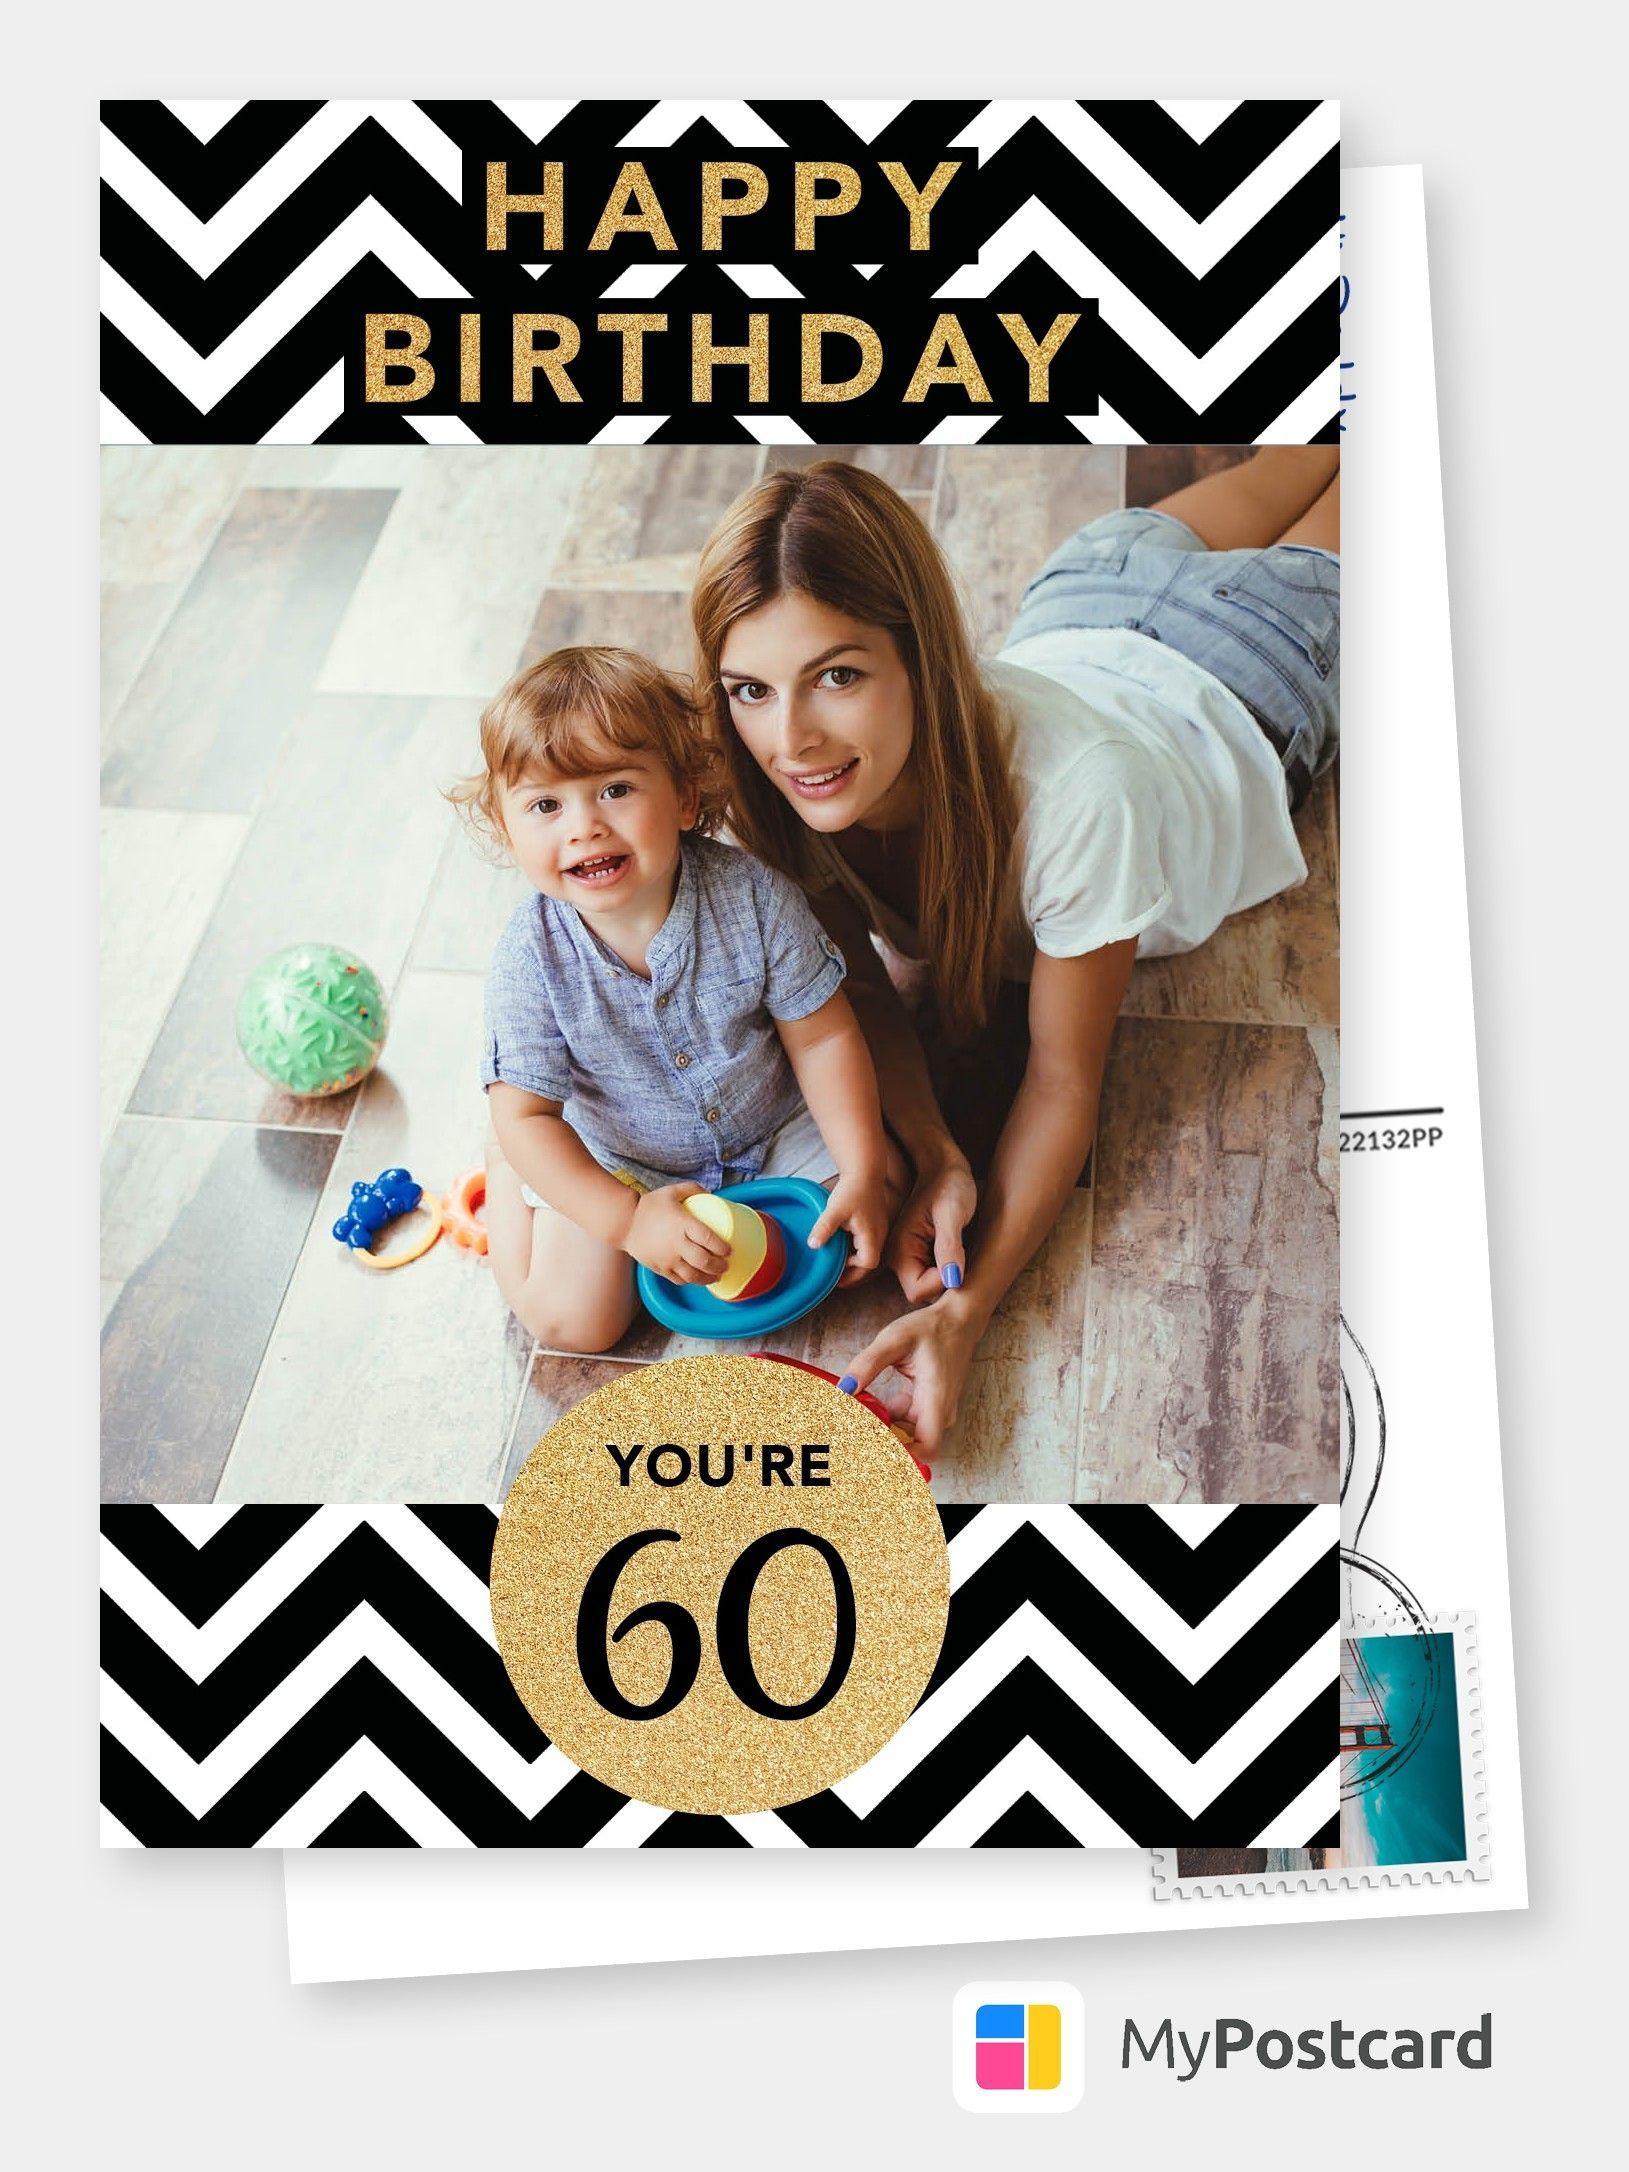 Alles Gute Zum In 2020 Lustige Geburtstagskarten Gluckwunsche